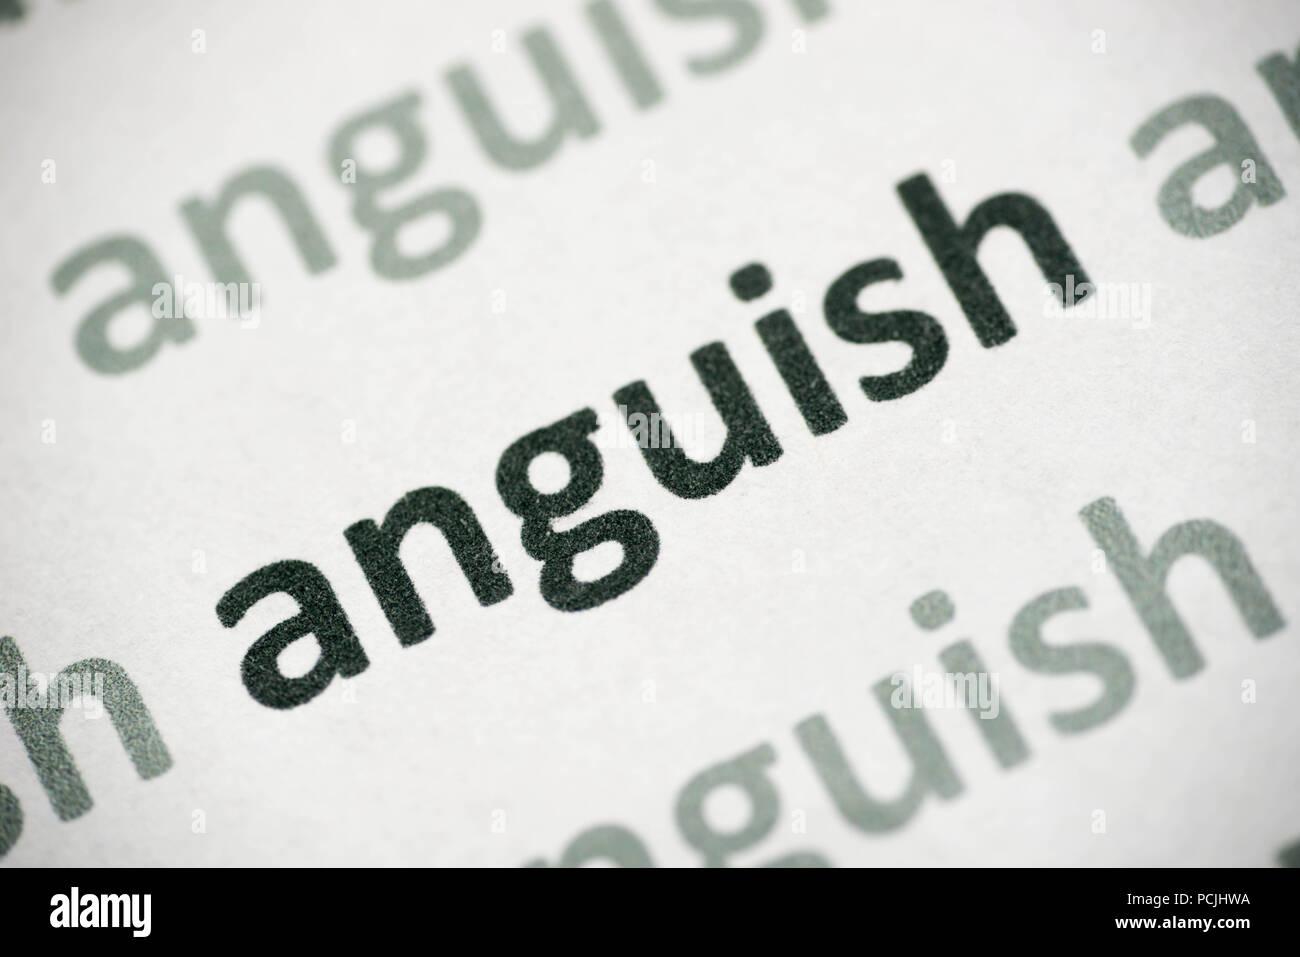 Palabra angustia impreso en papel blanco macro Imagen De Stock